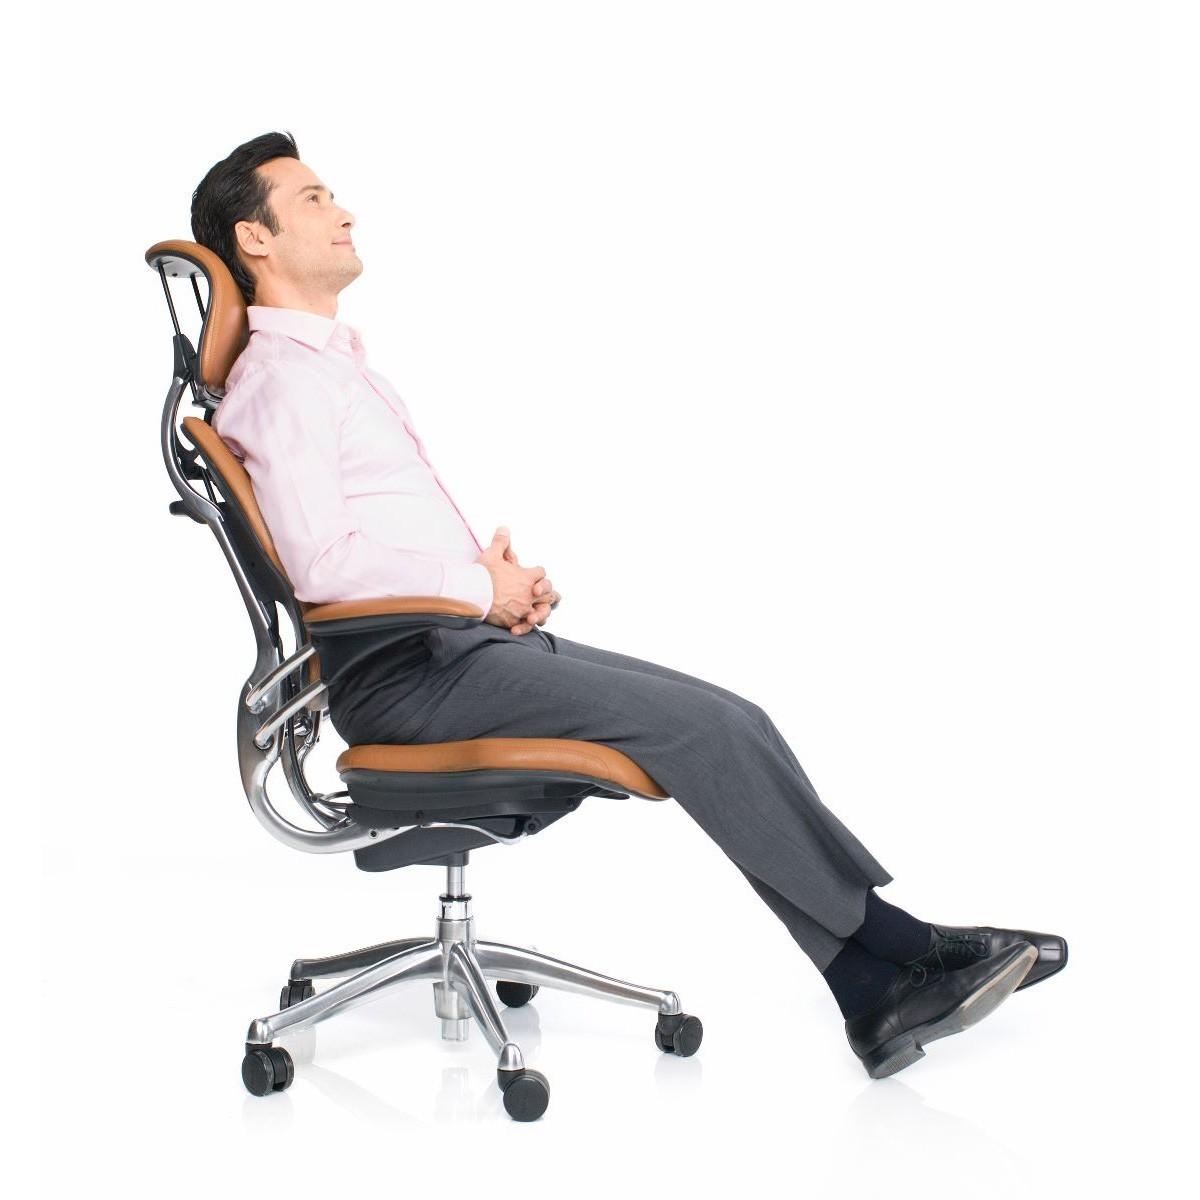 ▷ 1000 ideen für büro & schreibwaren   home office   freshideen 1